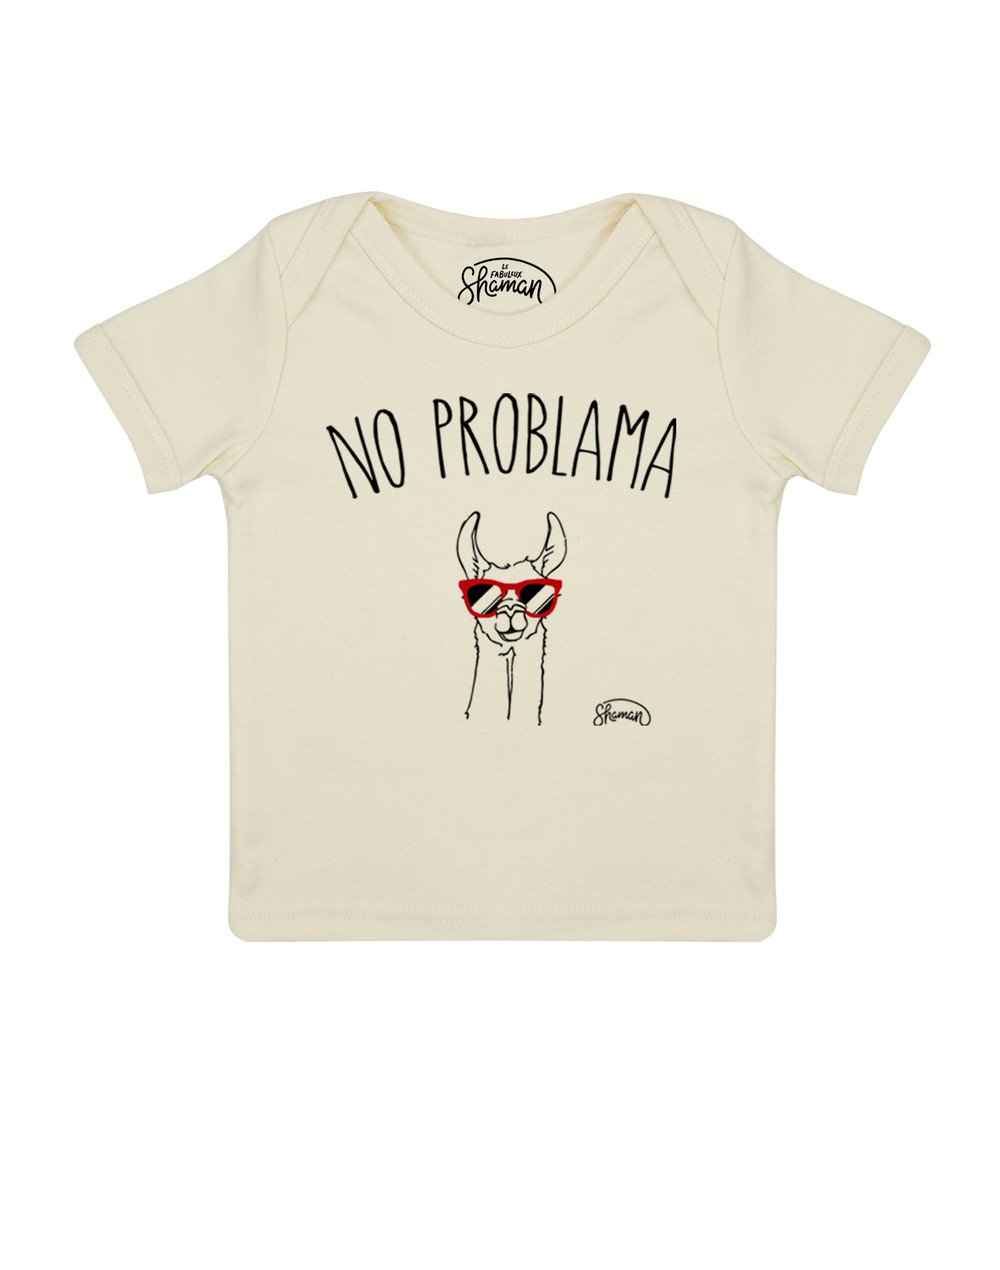 Tee shirt No problama